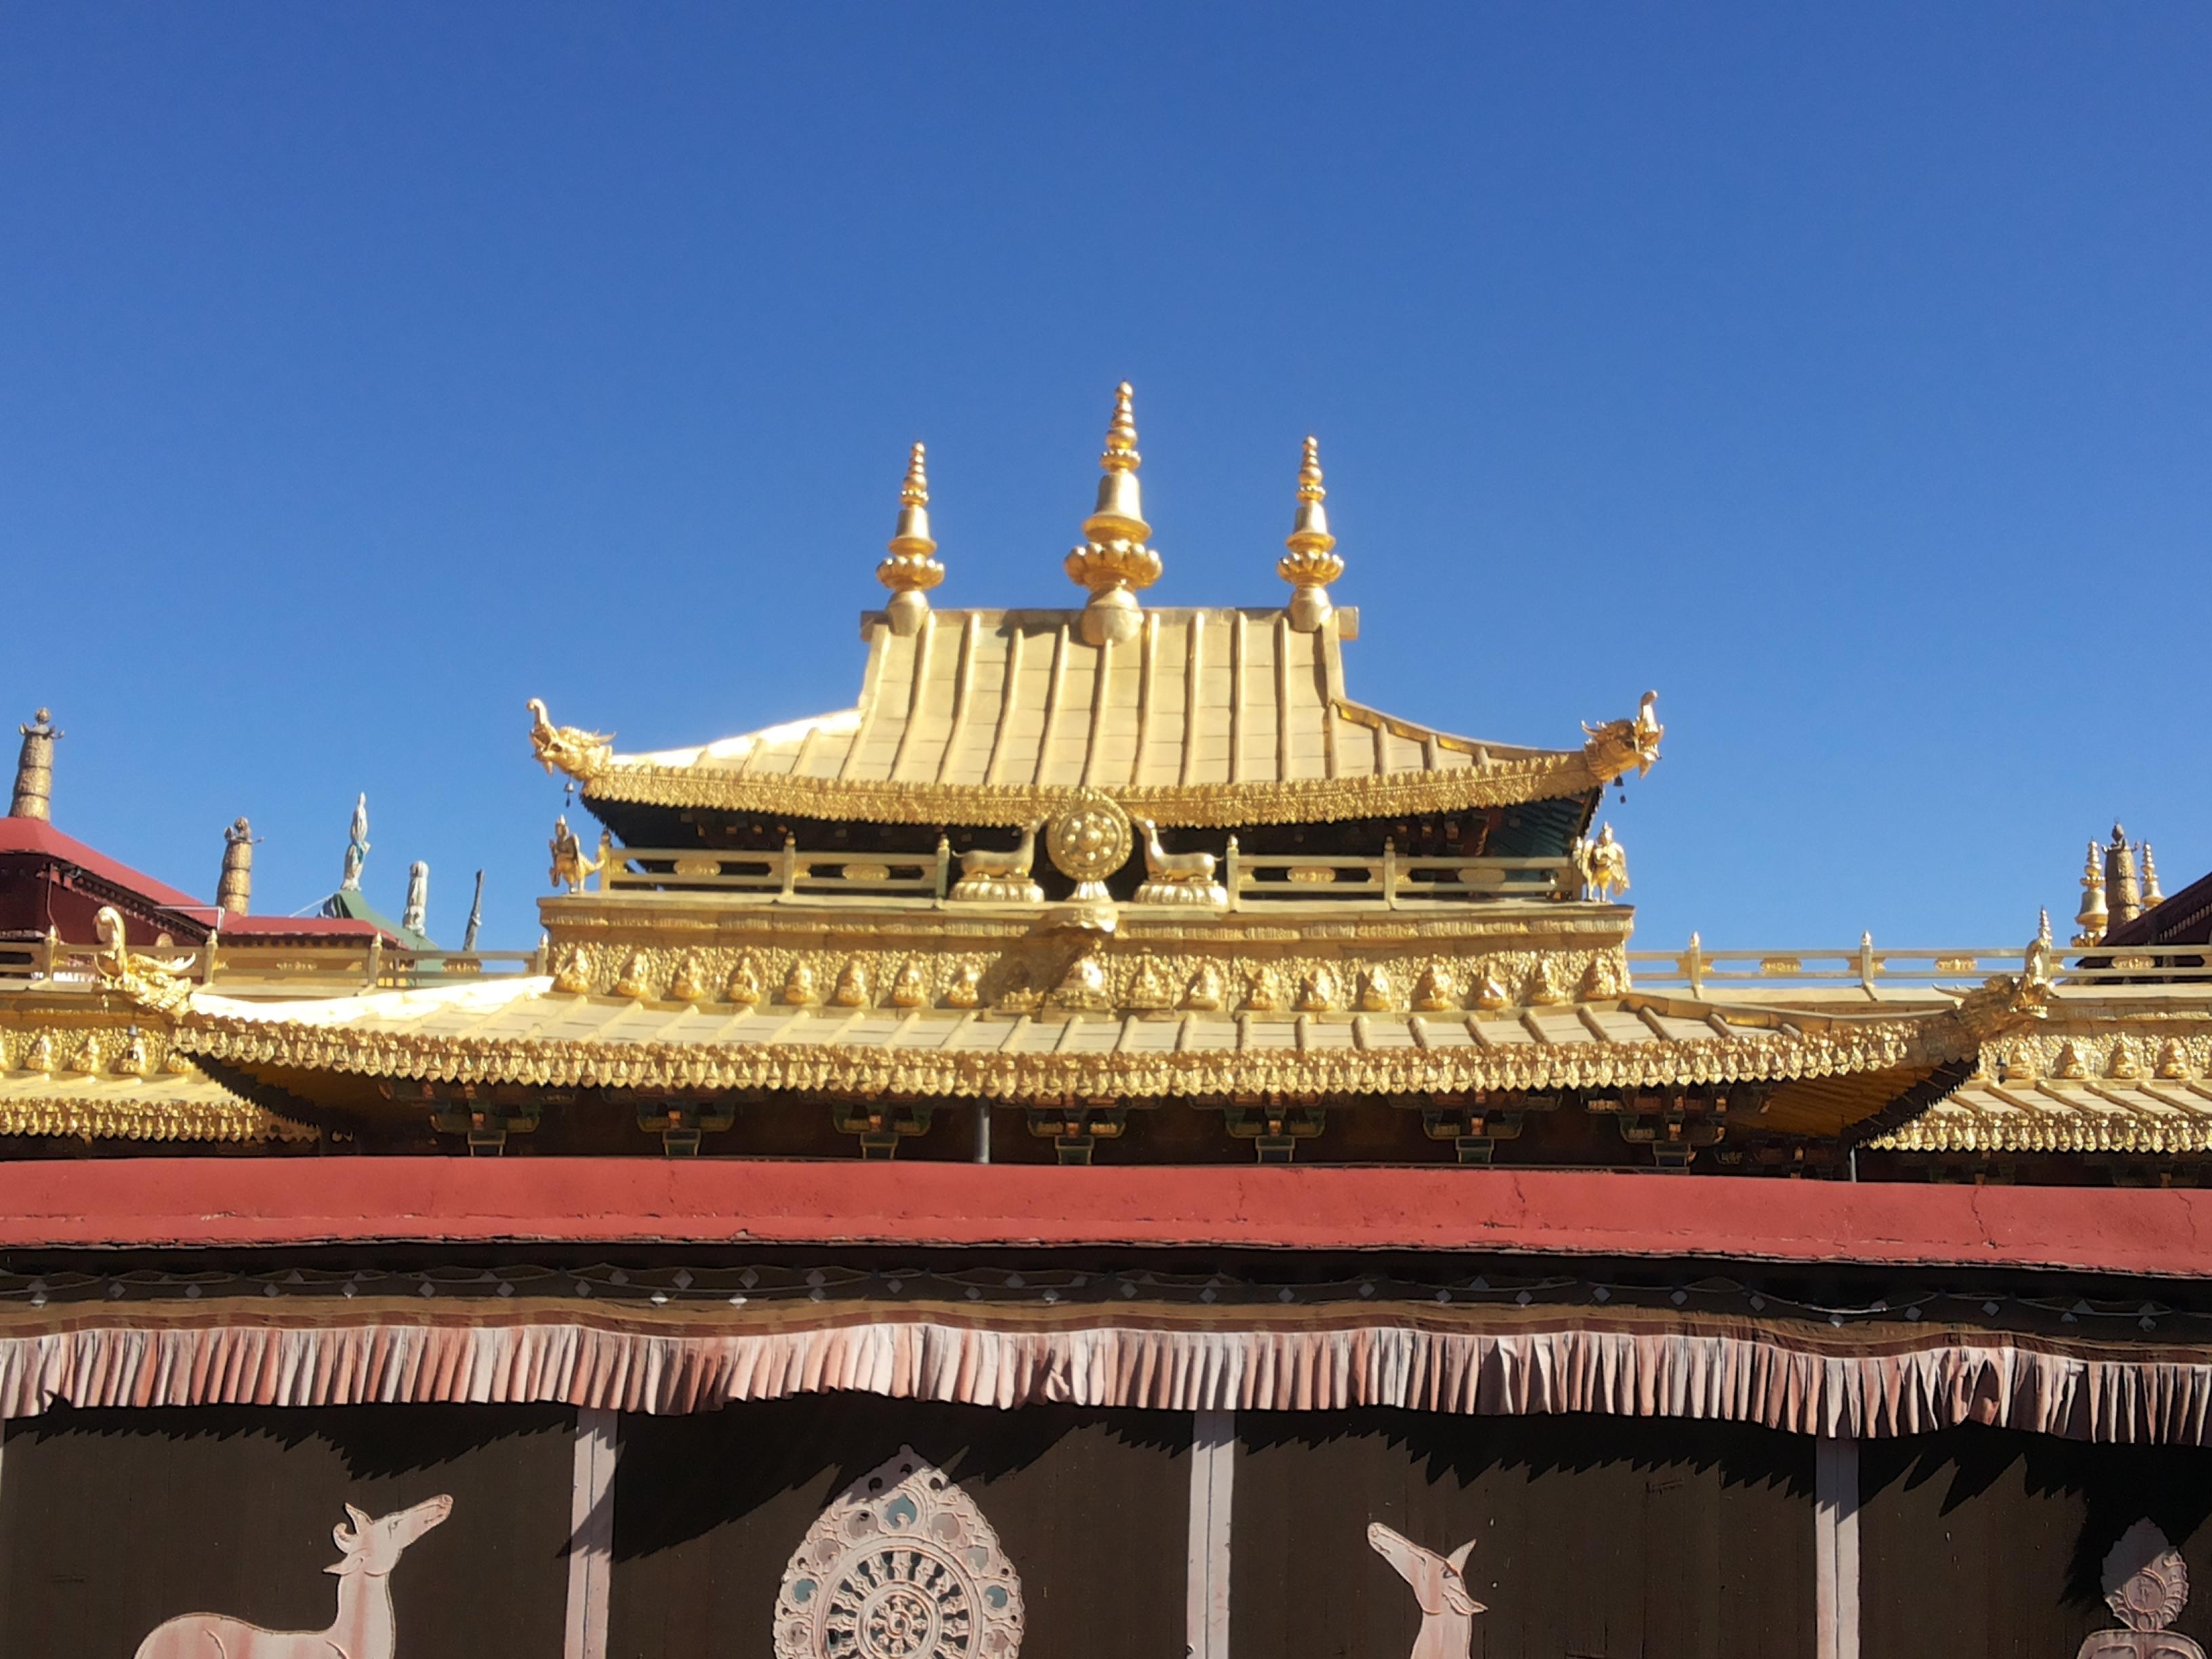 Dicas de viage para o Tibet Lhasa Travel Brazil